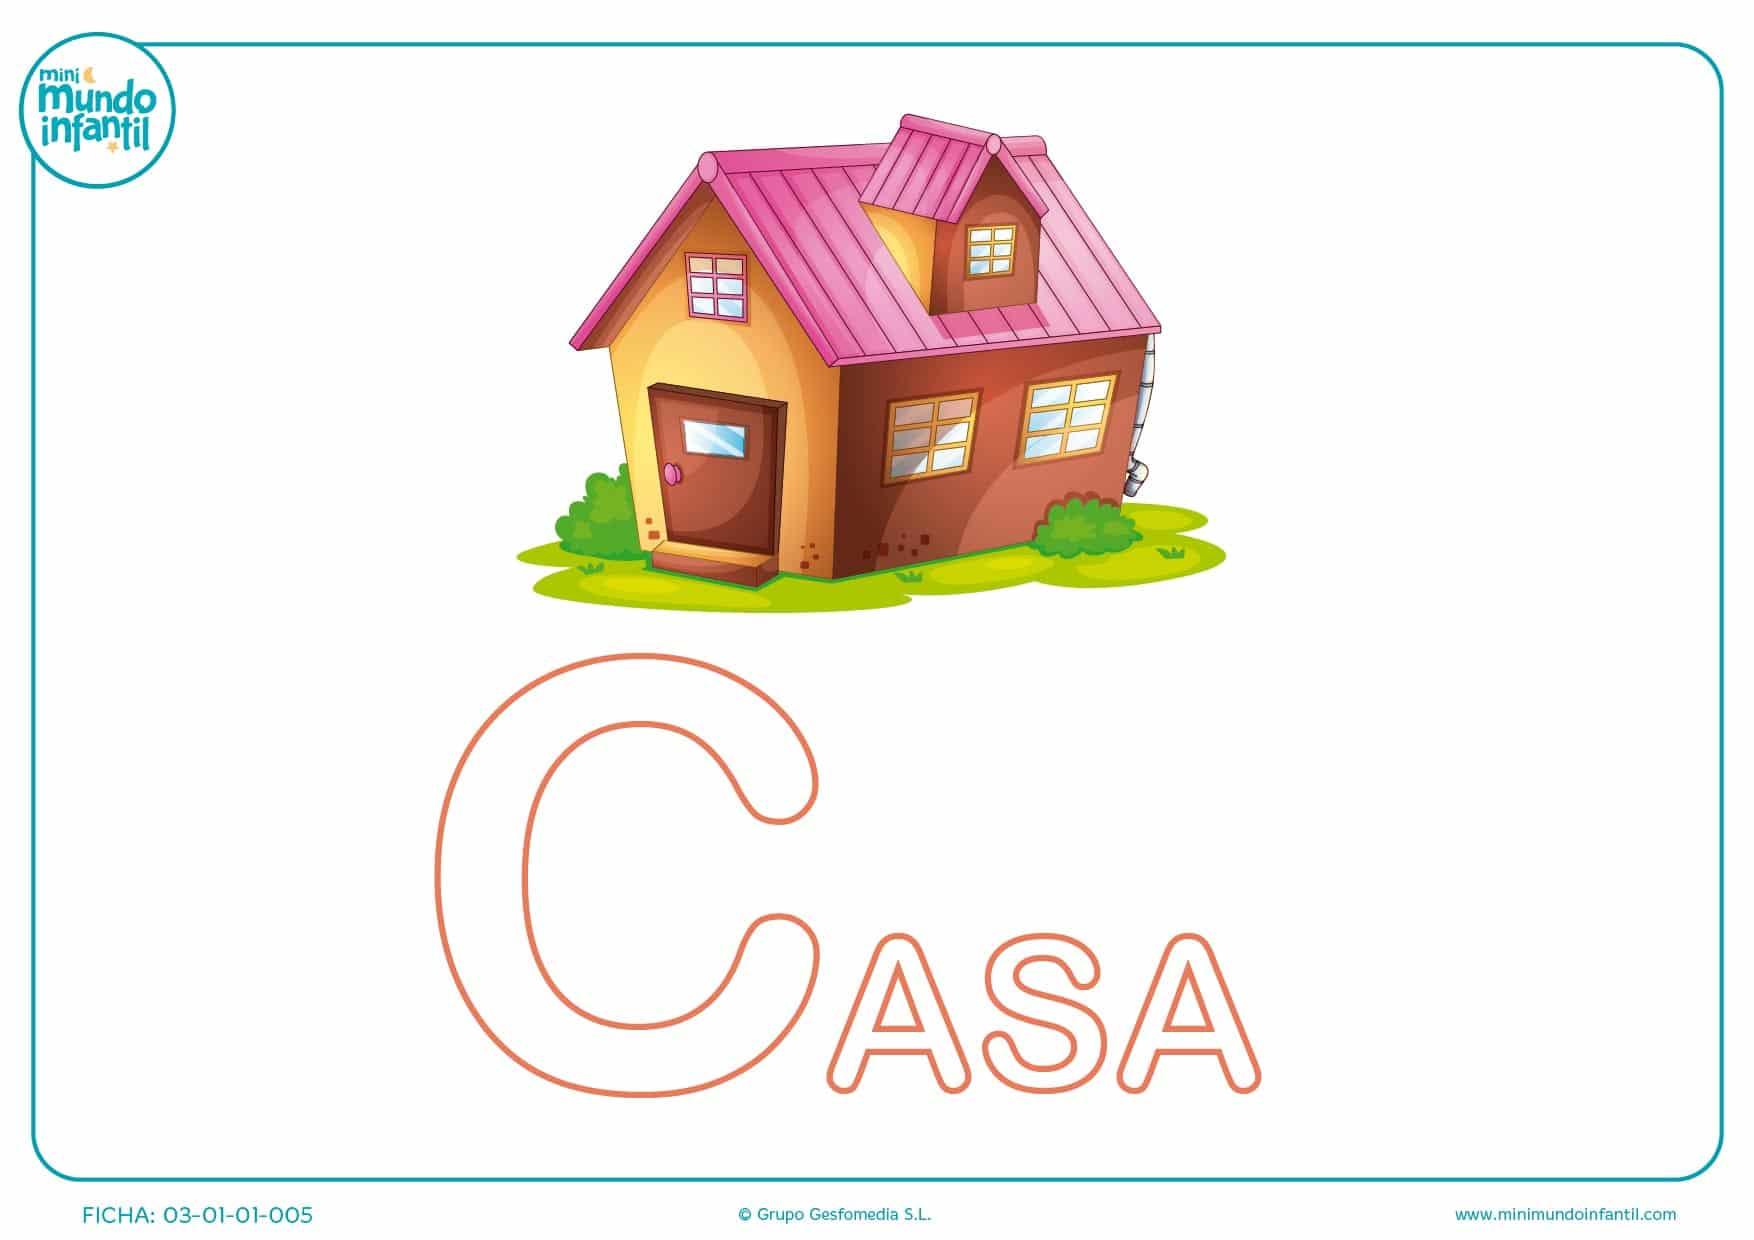 Letra C mayúscula de casa para colorear